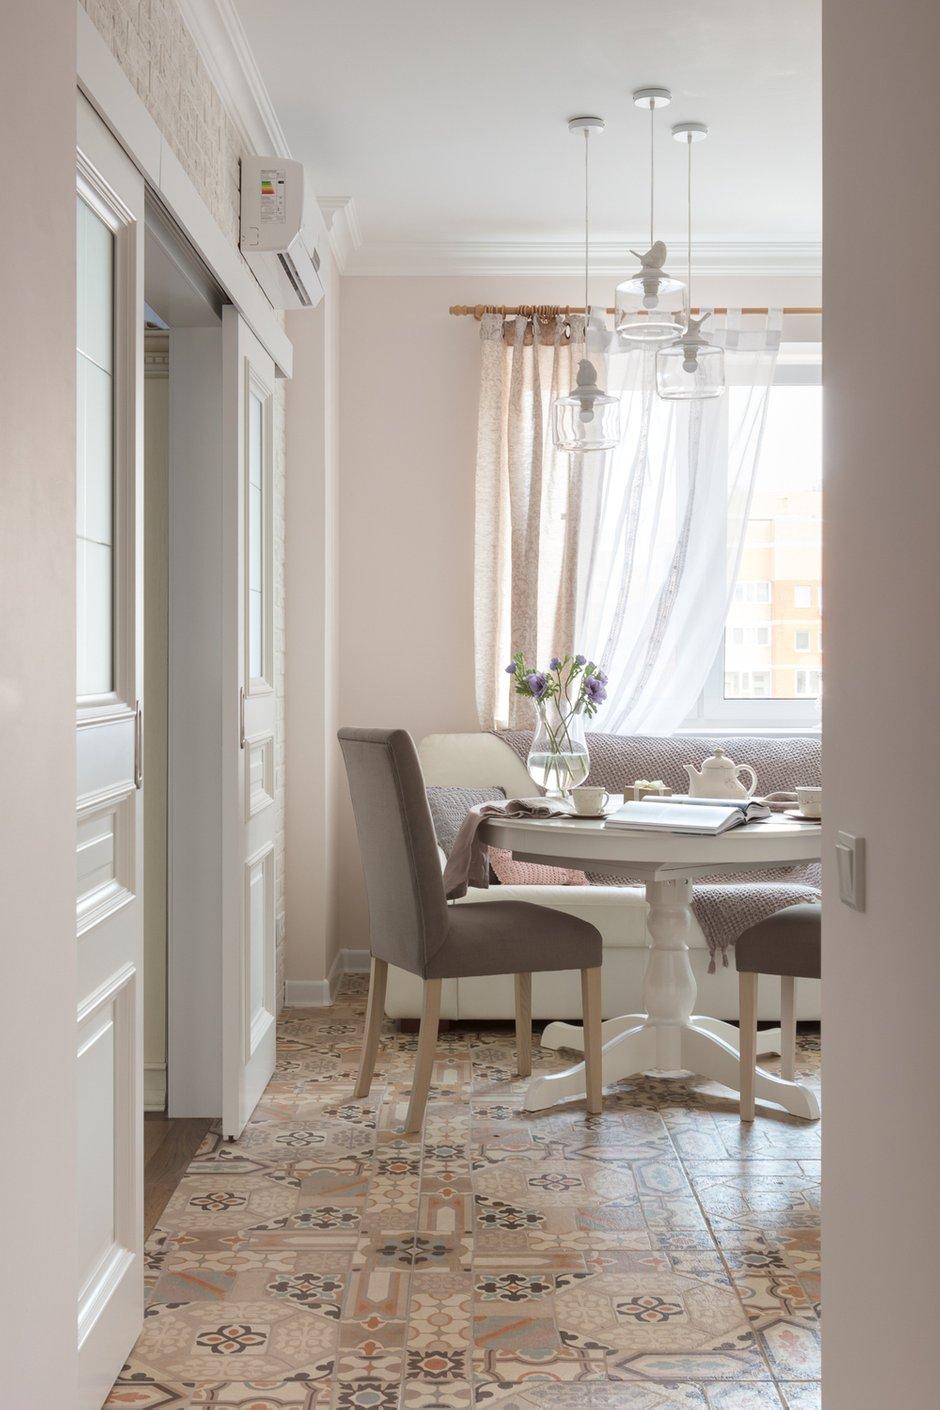 Фотография: Кухня и столовая в стиле Прованс и Кантри, Квартира, Проект недели, Балашиха, Монолитный дом, 2 комнаты, 60-90 метров, Анна Елина – фото на INMYROOM